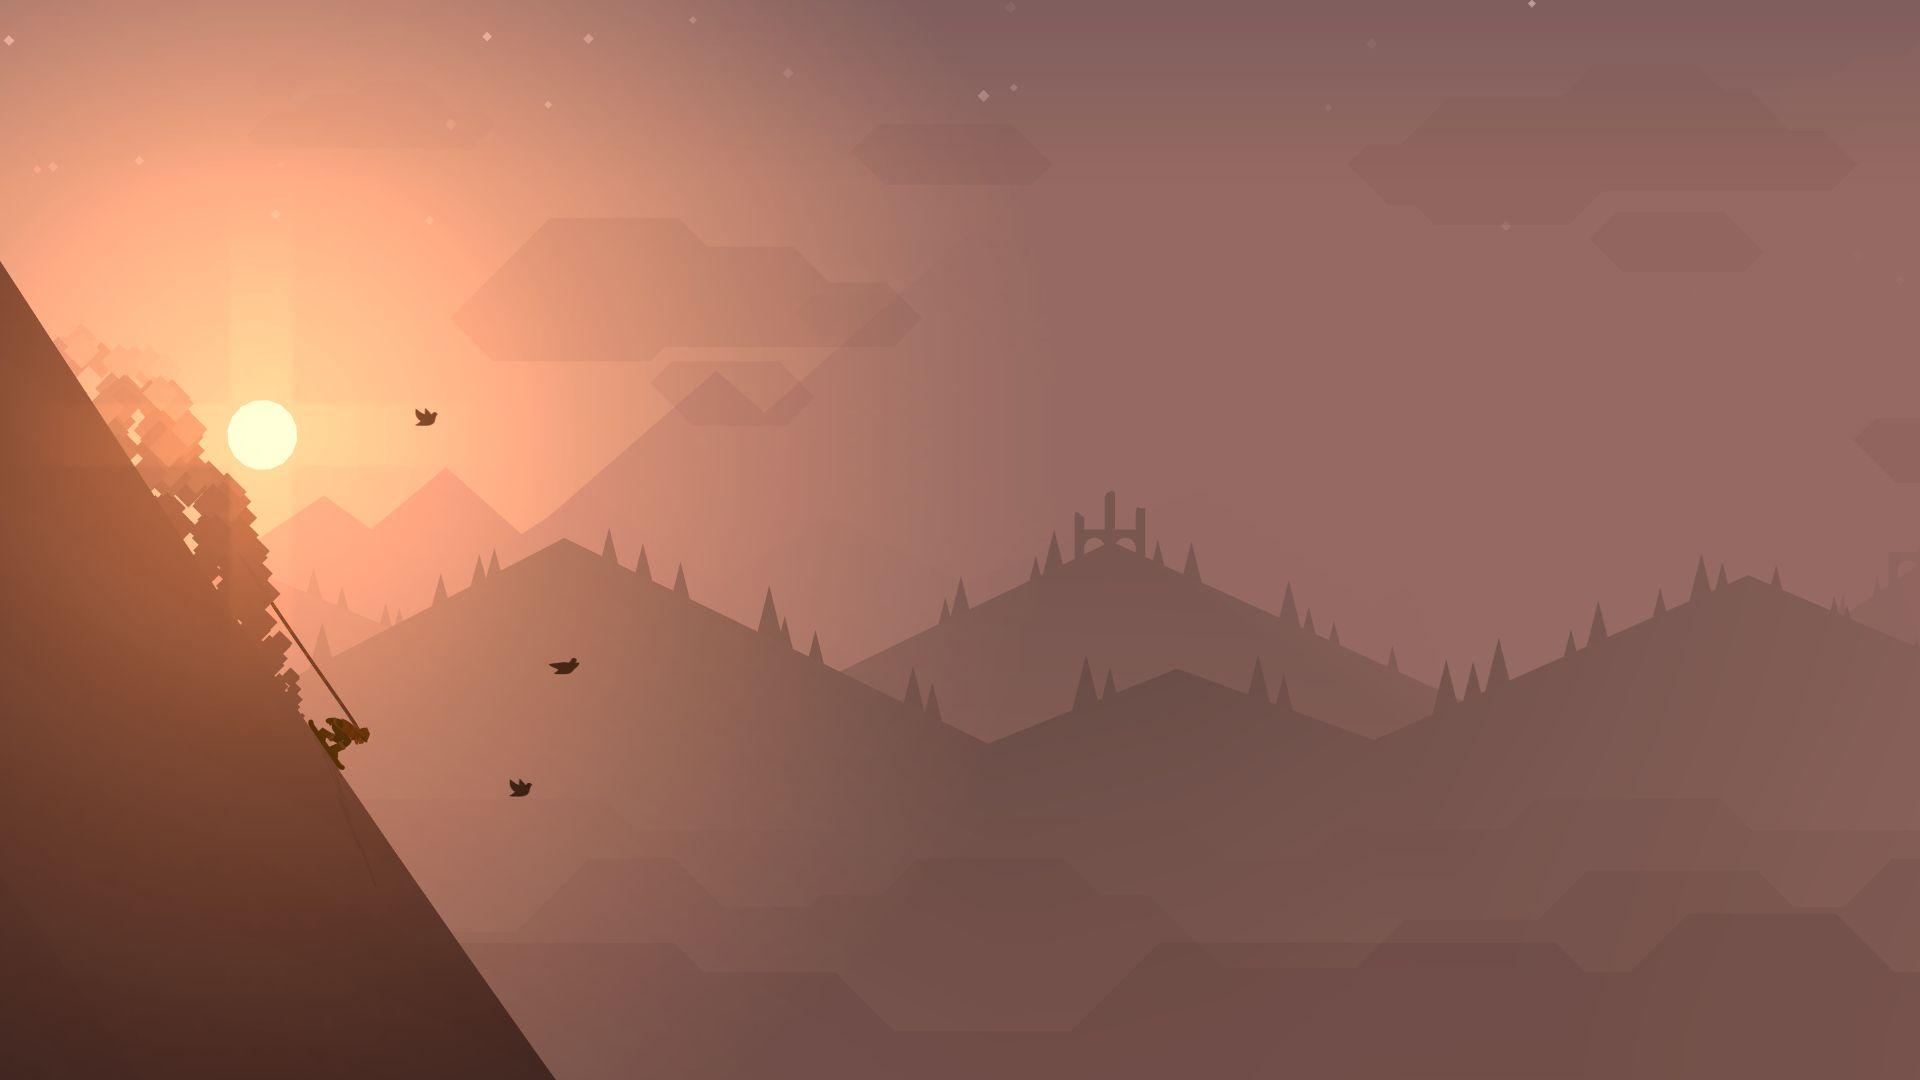 阿尔托的冒险 游戏截图2